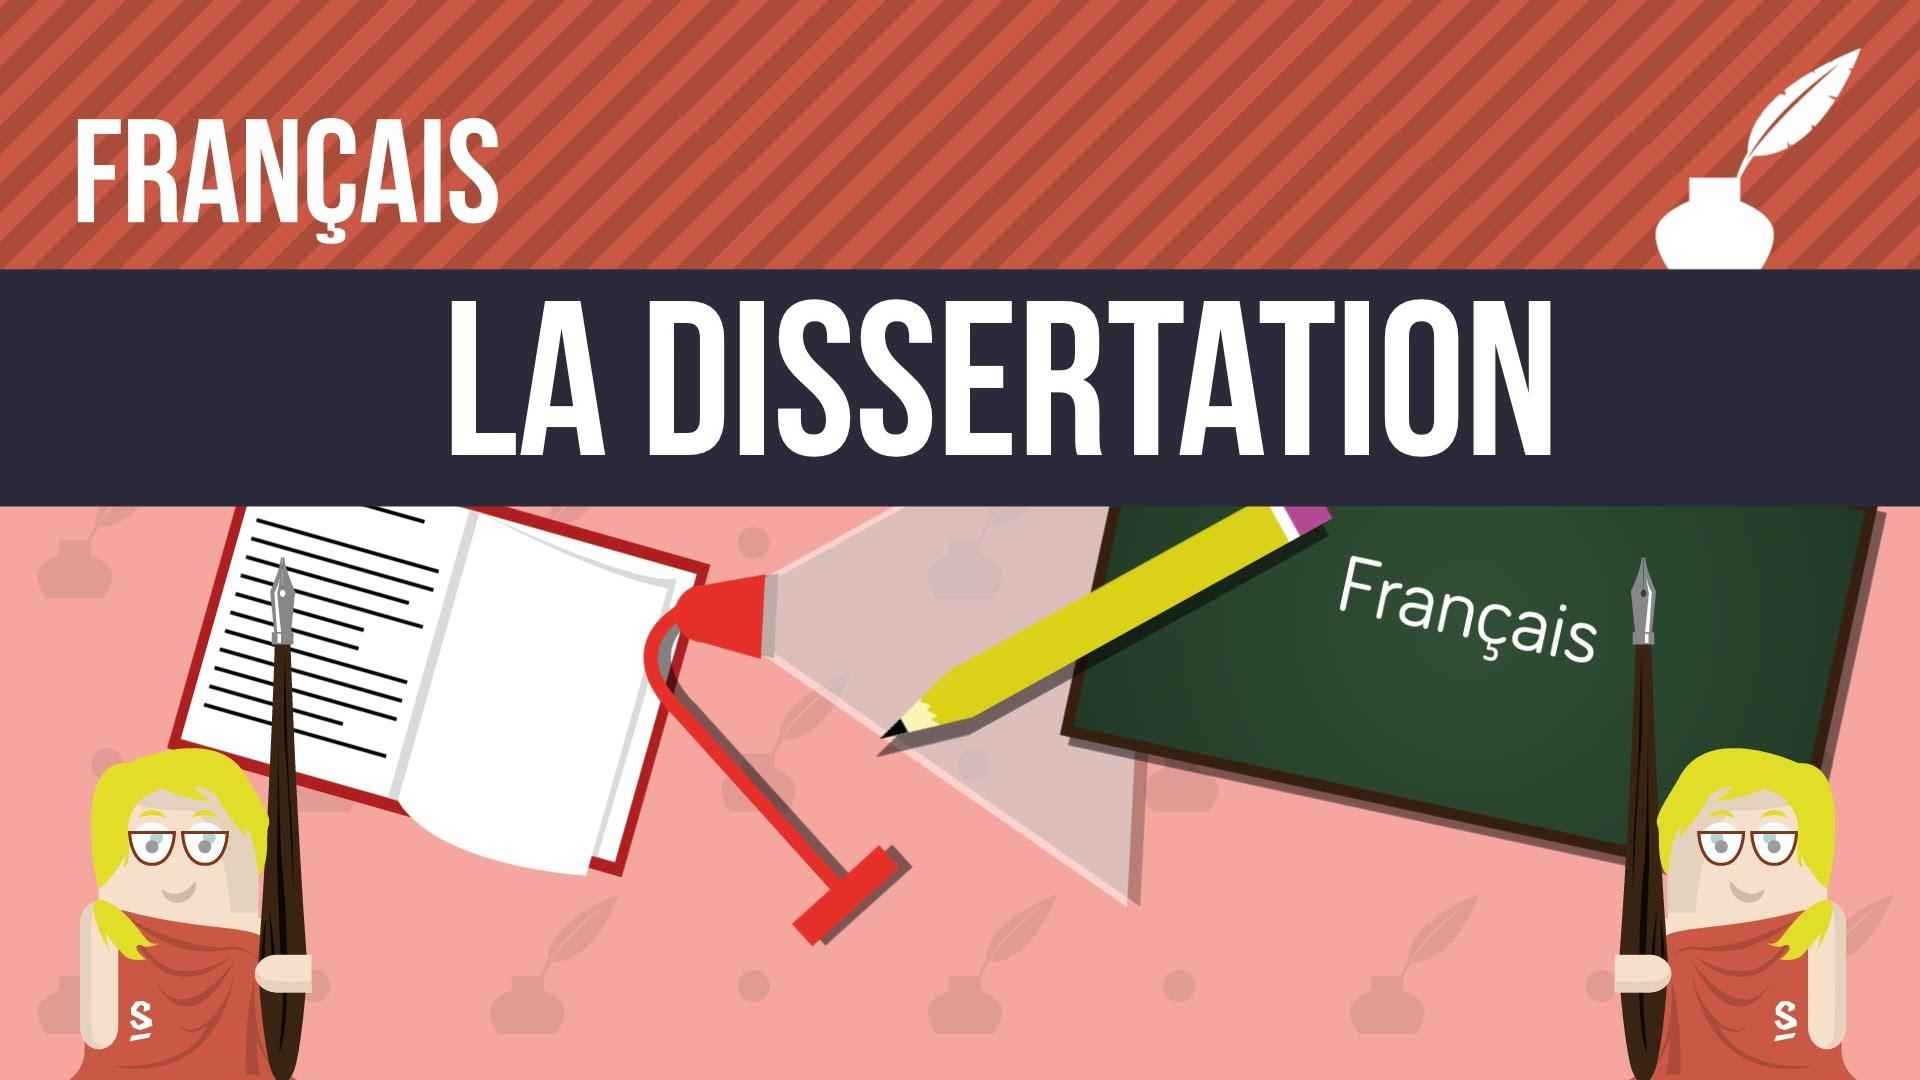 Comment ecrire dissertation